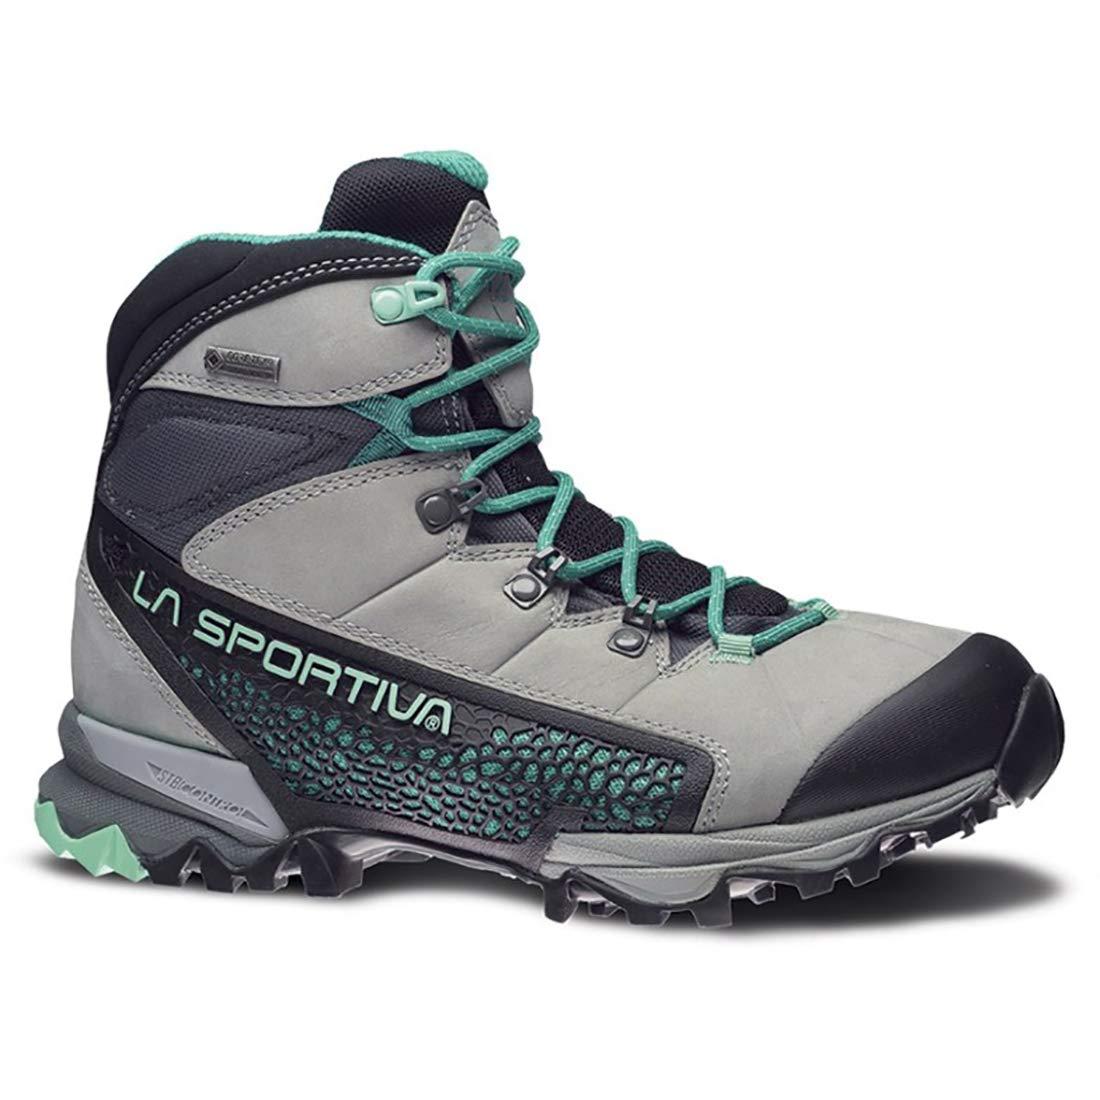 La Sportiva NUCLEO HIGH GTX Womens Hiking Shoe 14V-901609-41